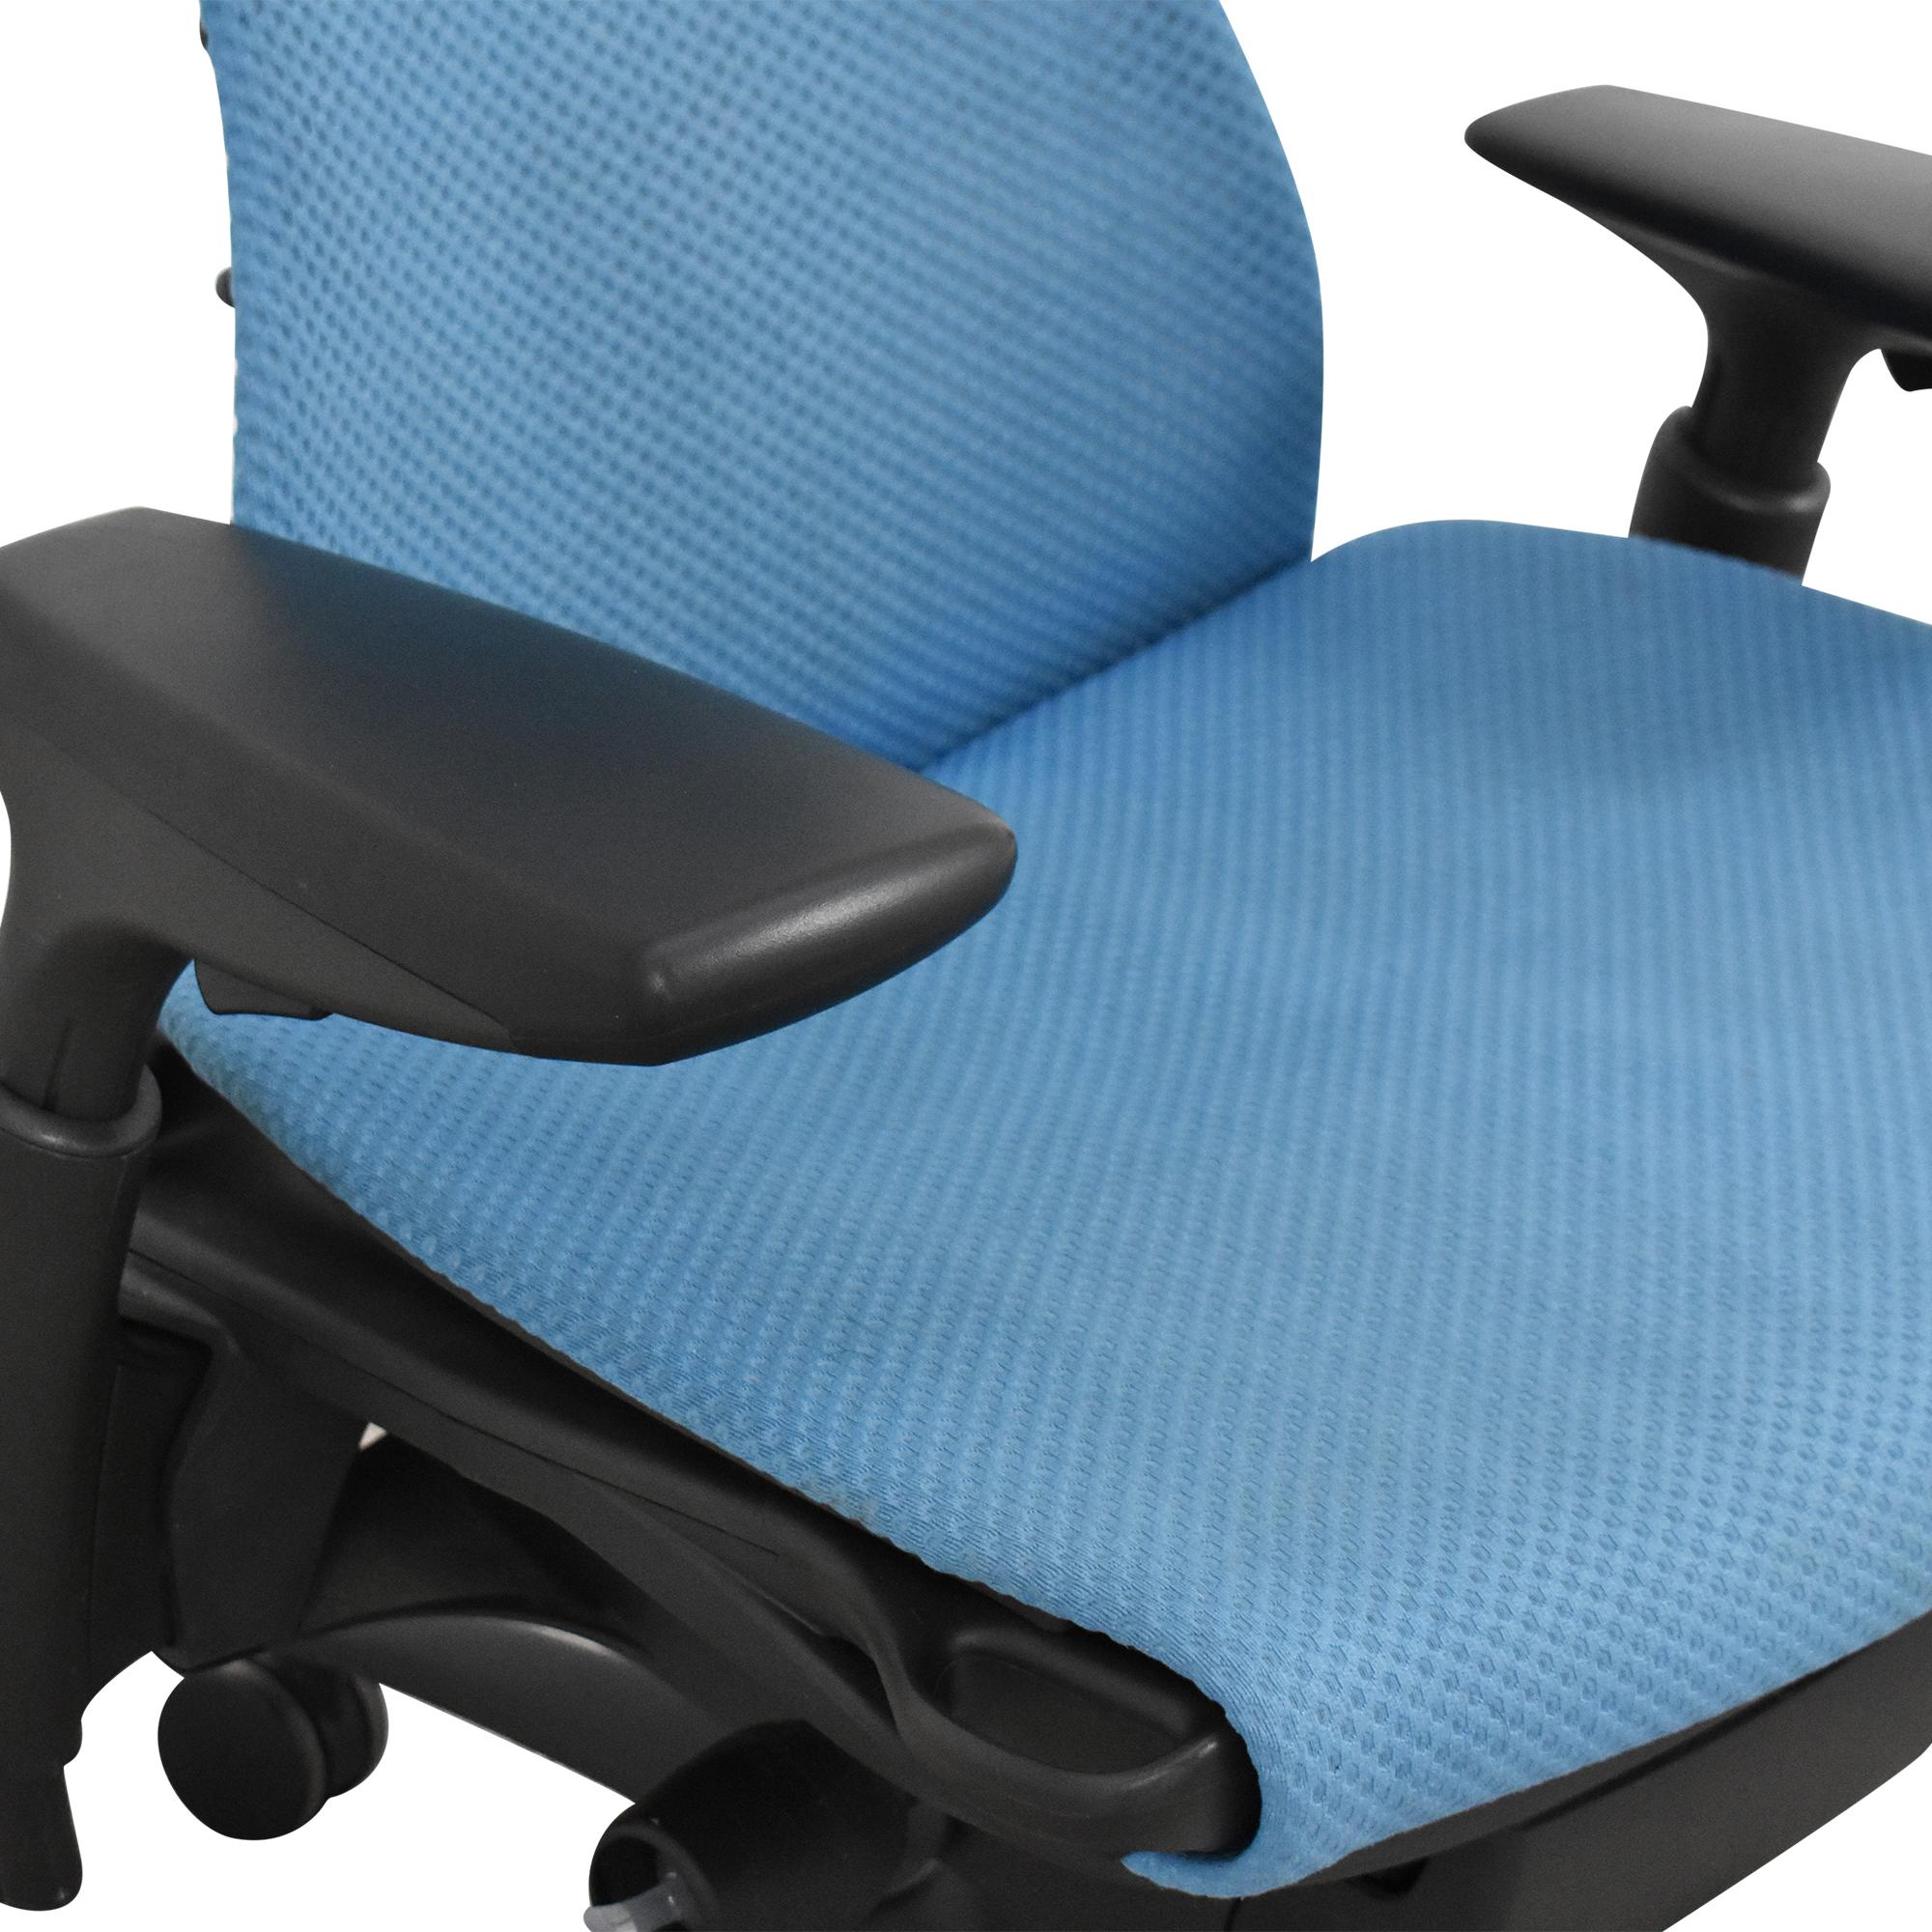 Herman Miller Herman Miller Embody Chair used